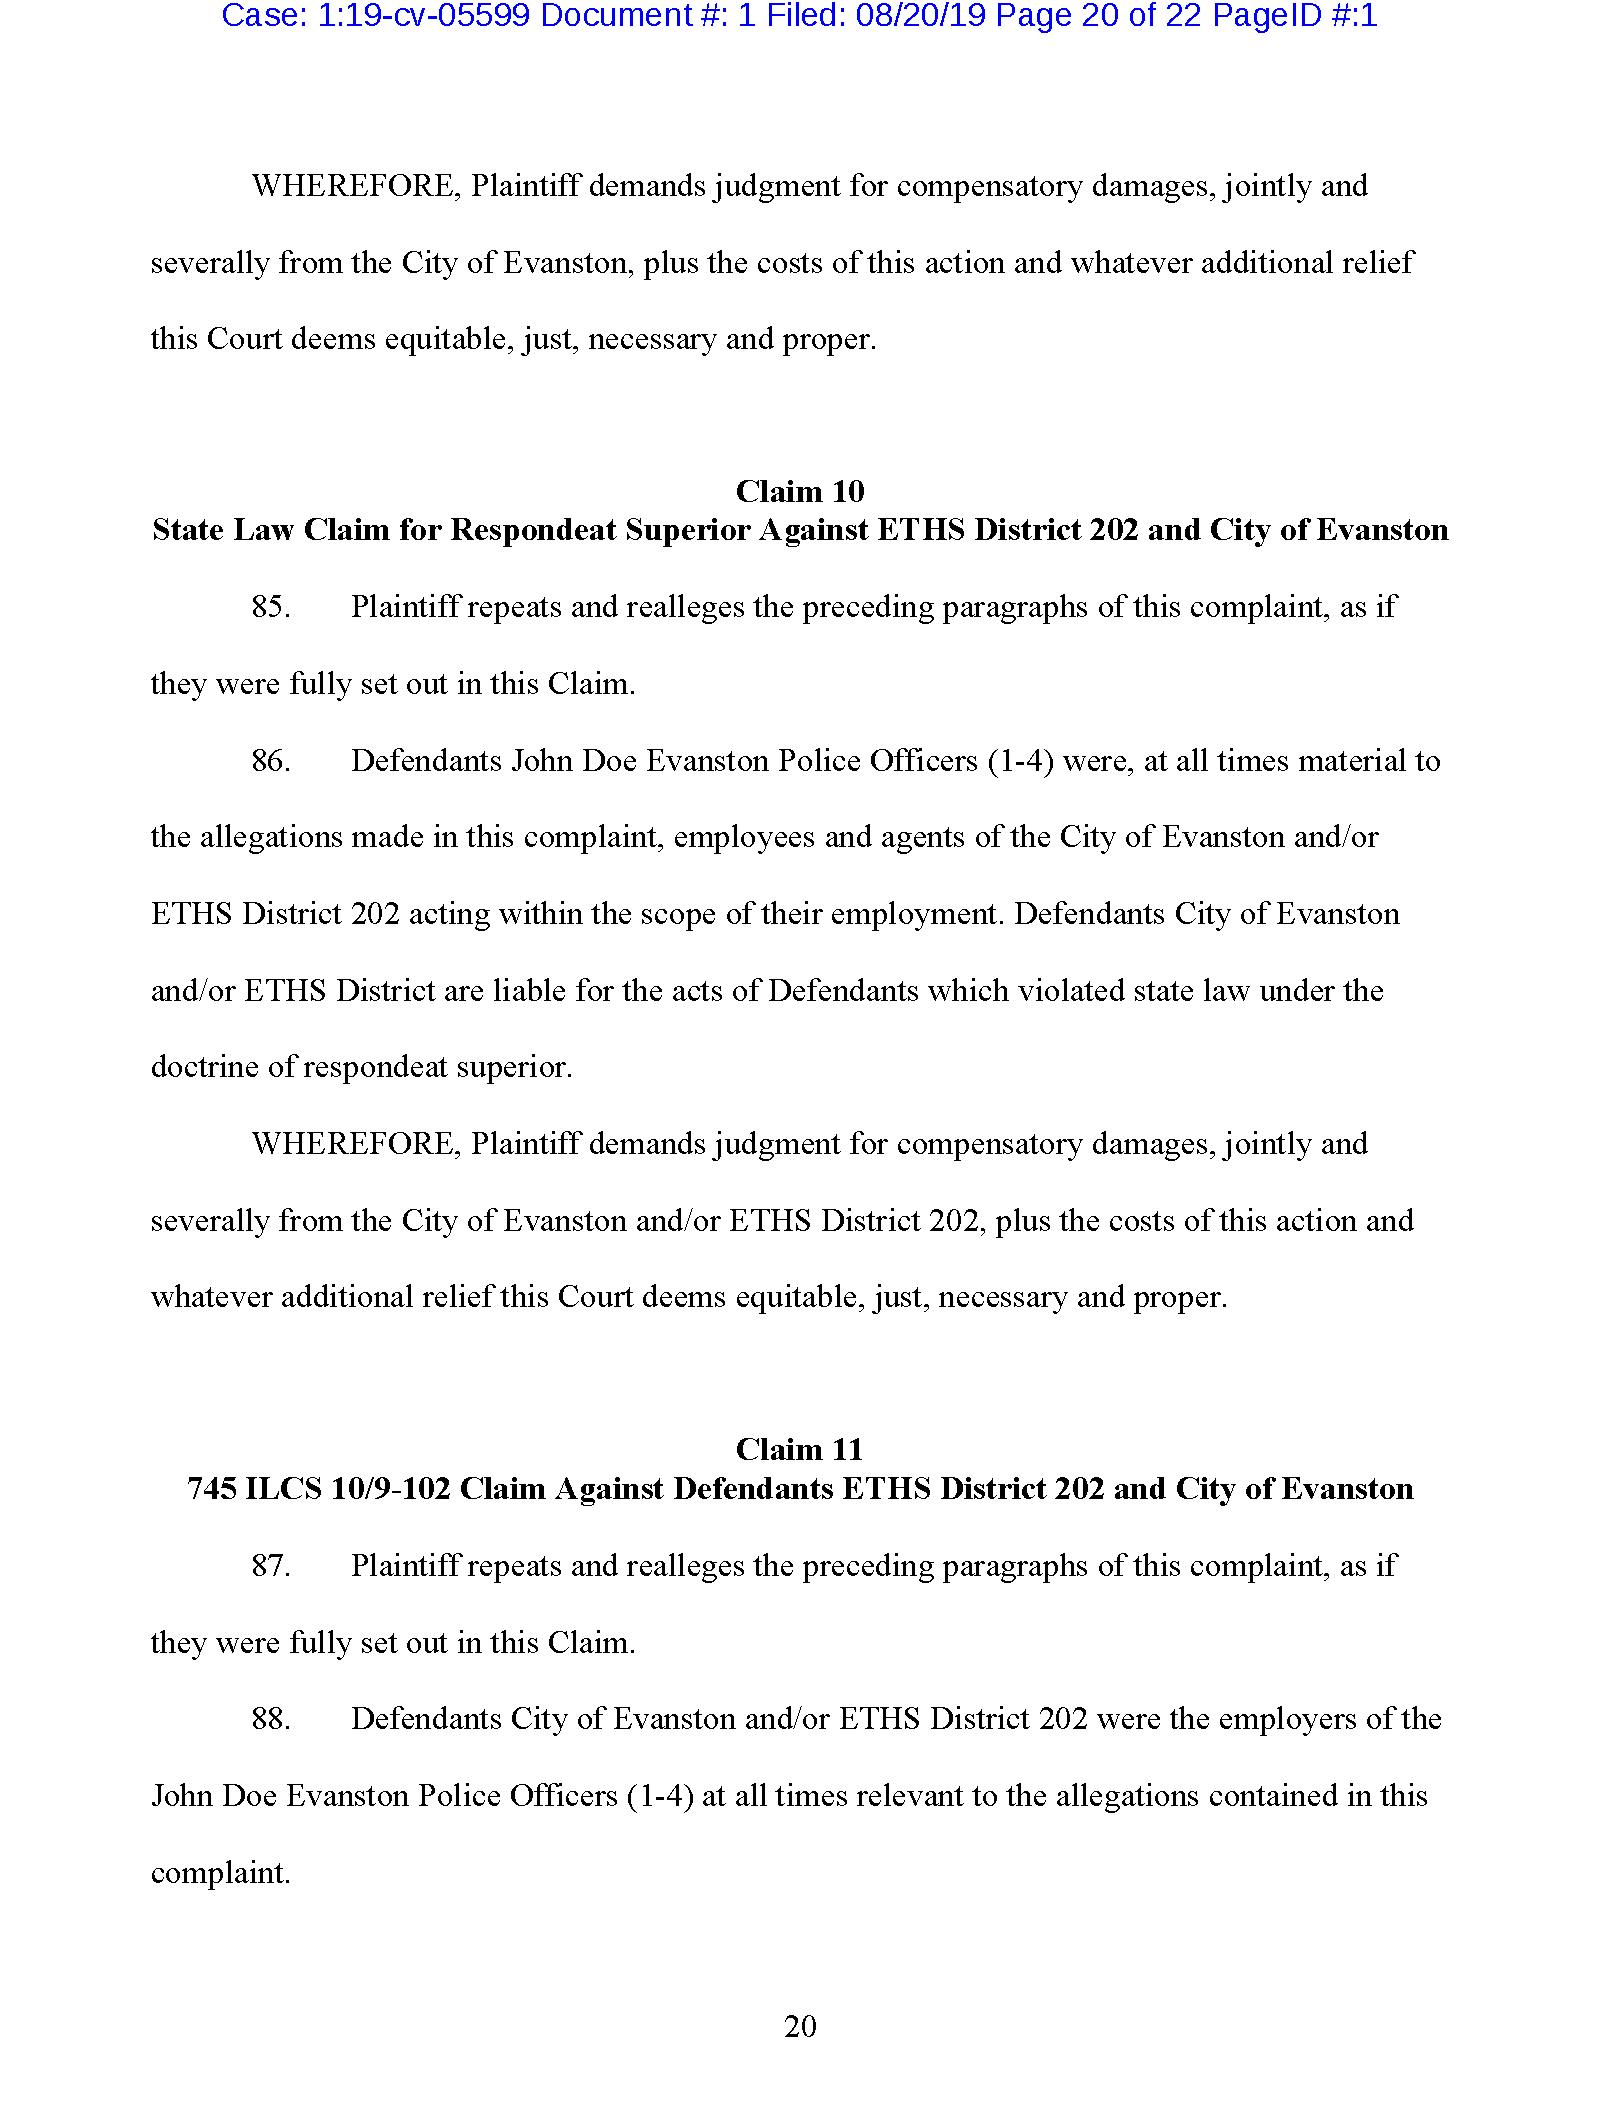 Copy of Complaint0120.png